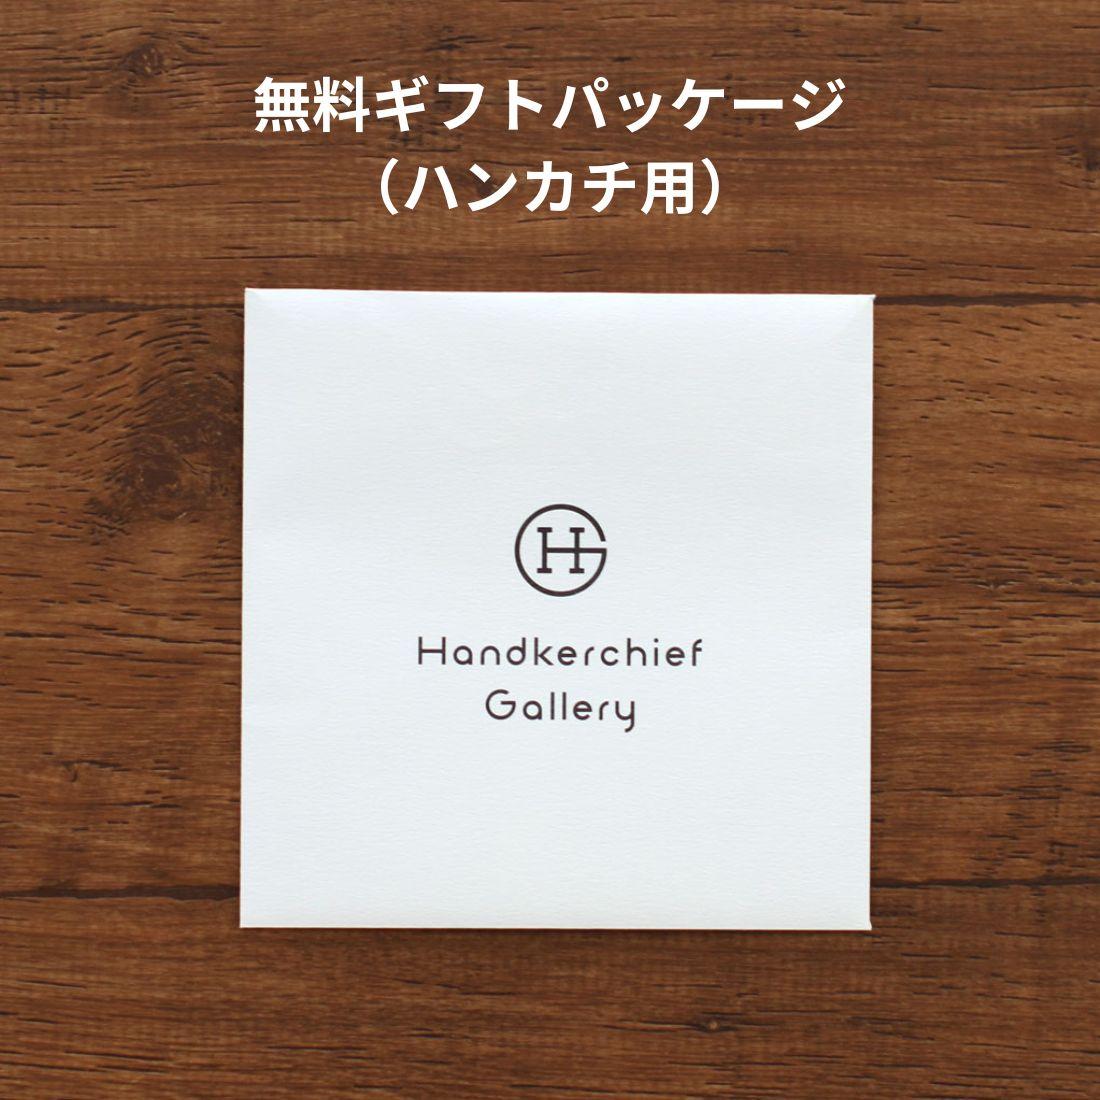 ハンカチーフギャラリー無料袋(ハンカチ専用)